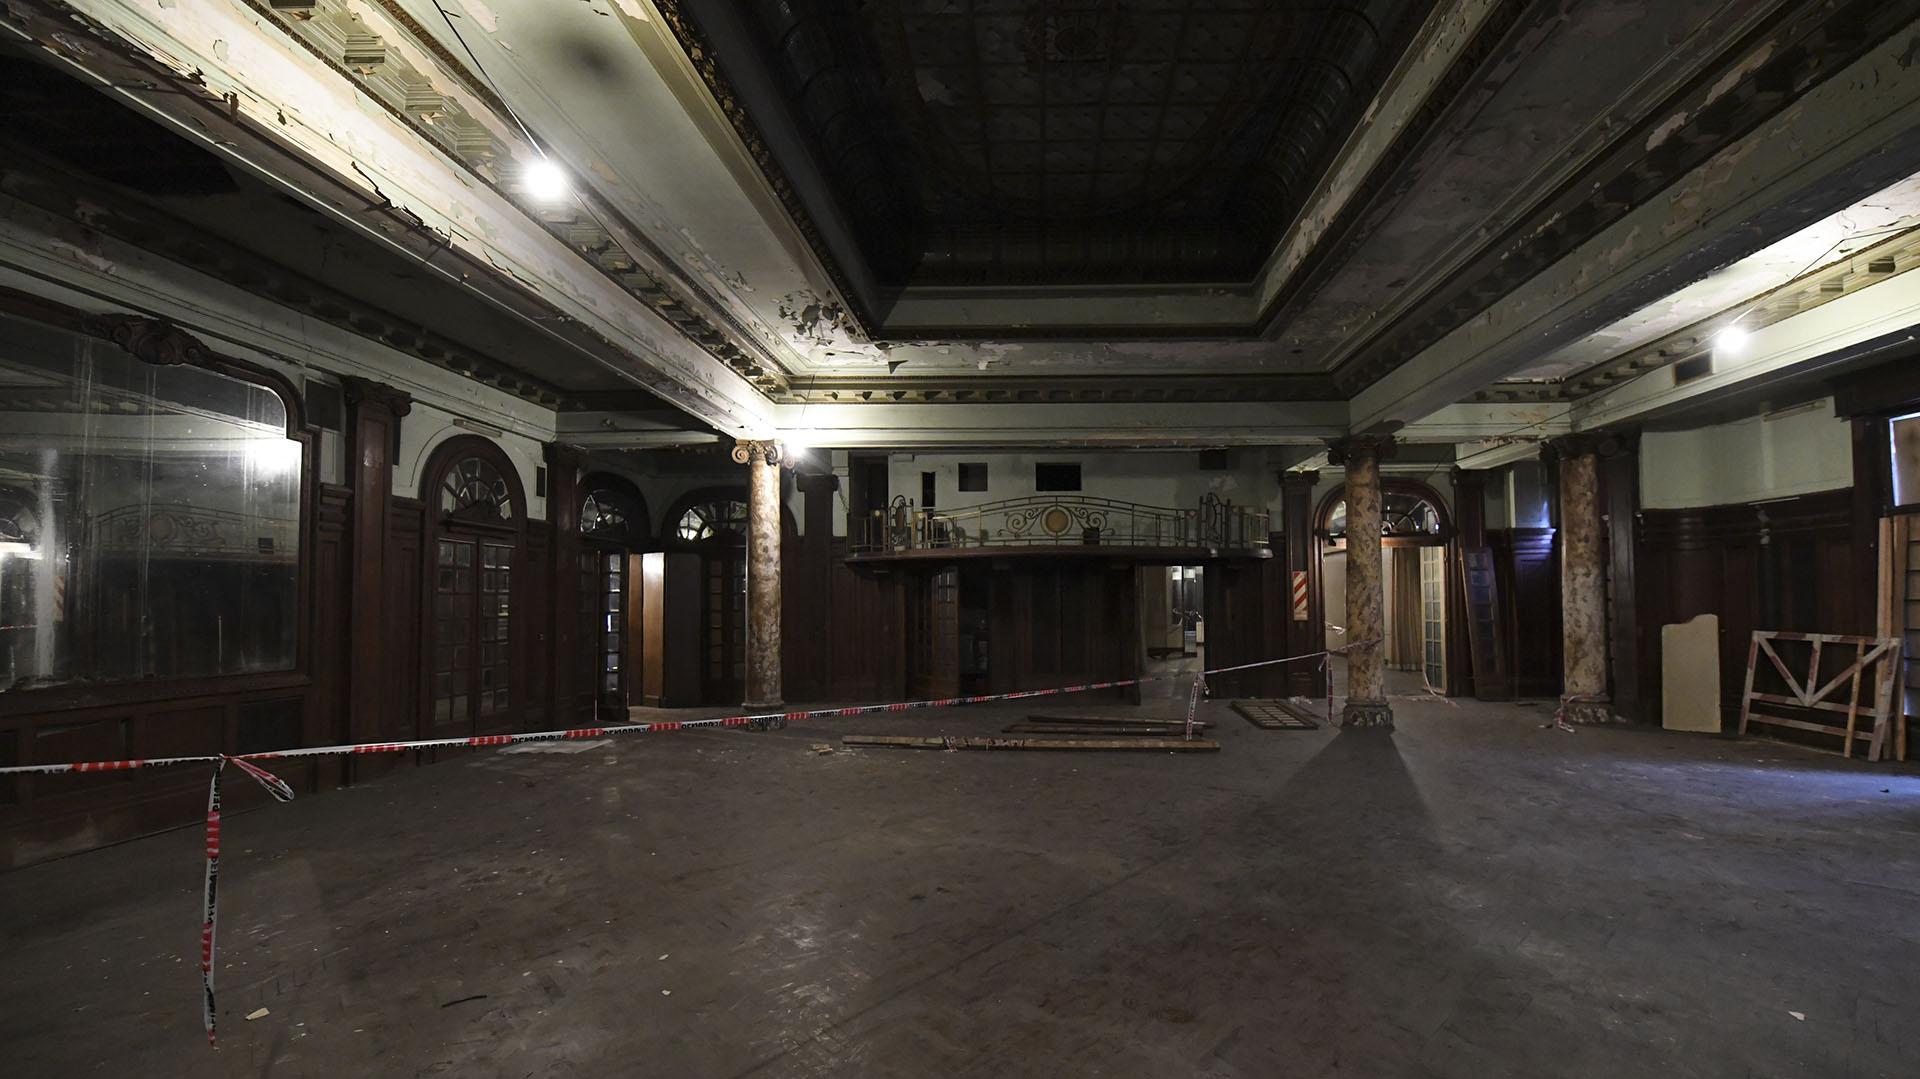 El público podrá acceder en esta ocasión al primer piso de la Confitería, donde se celebraban fiestas en su época de esplendor